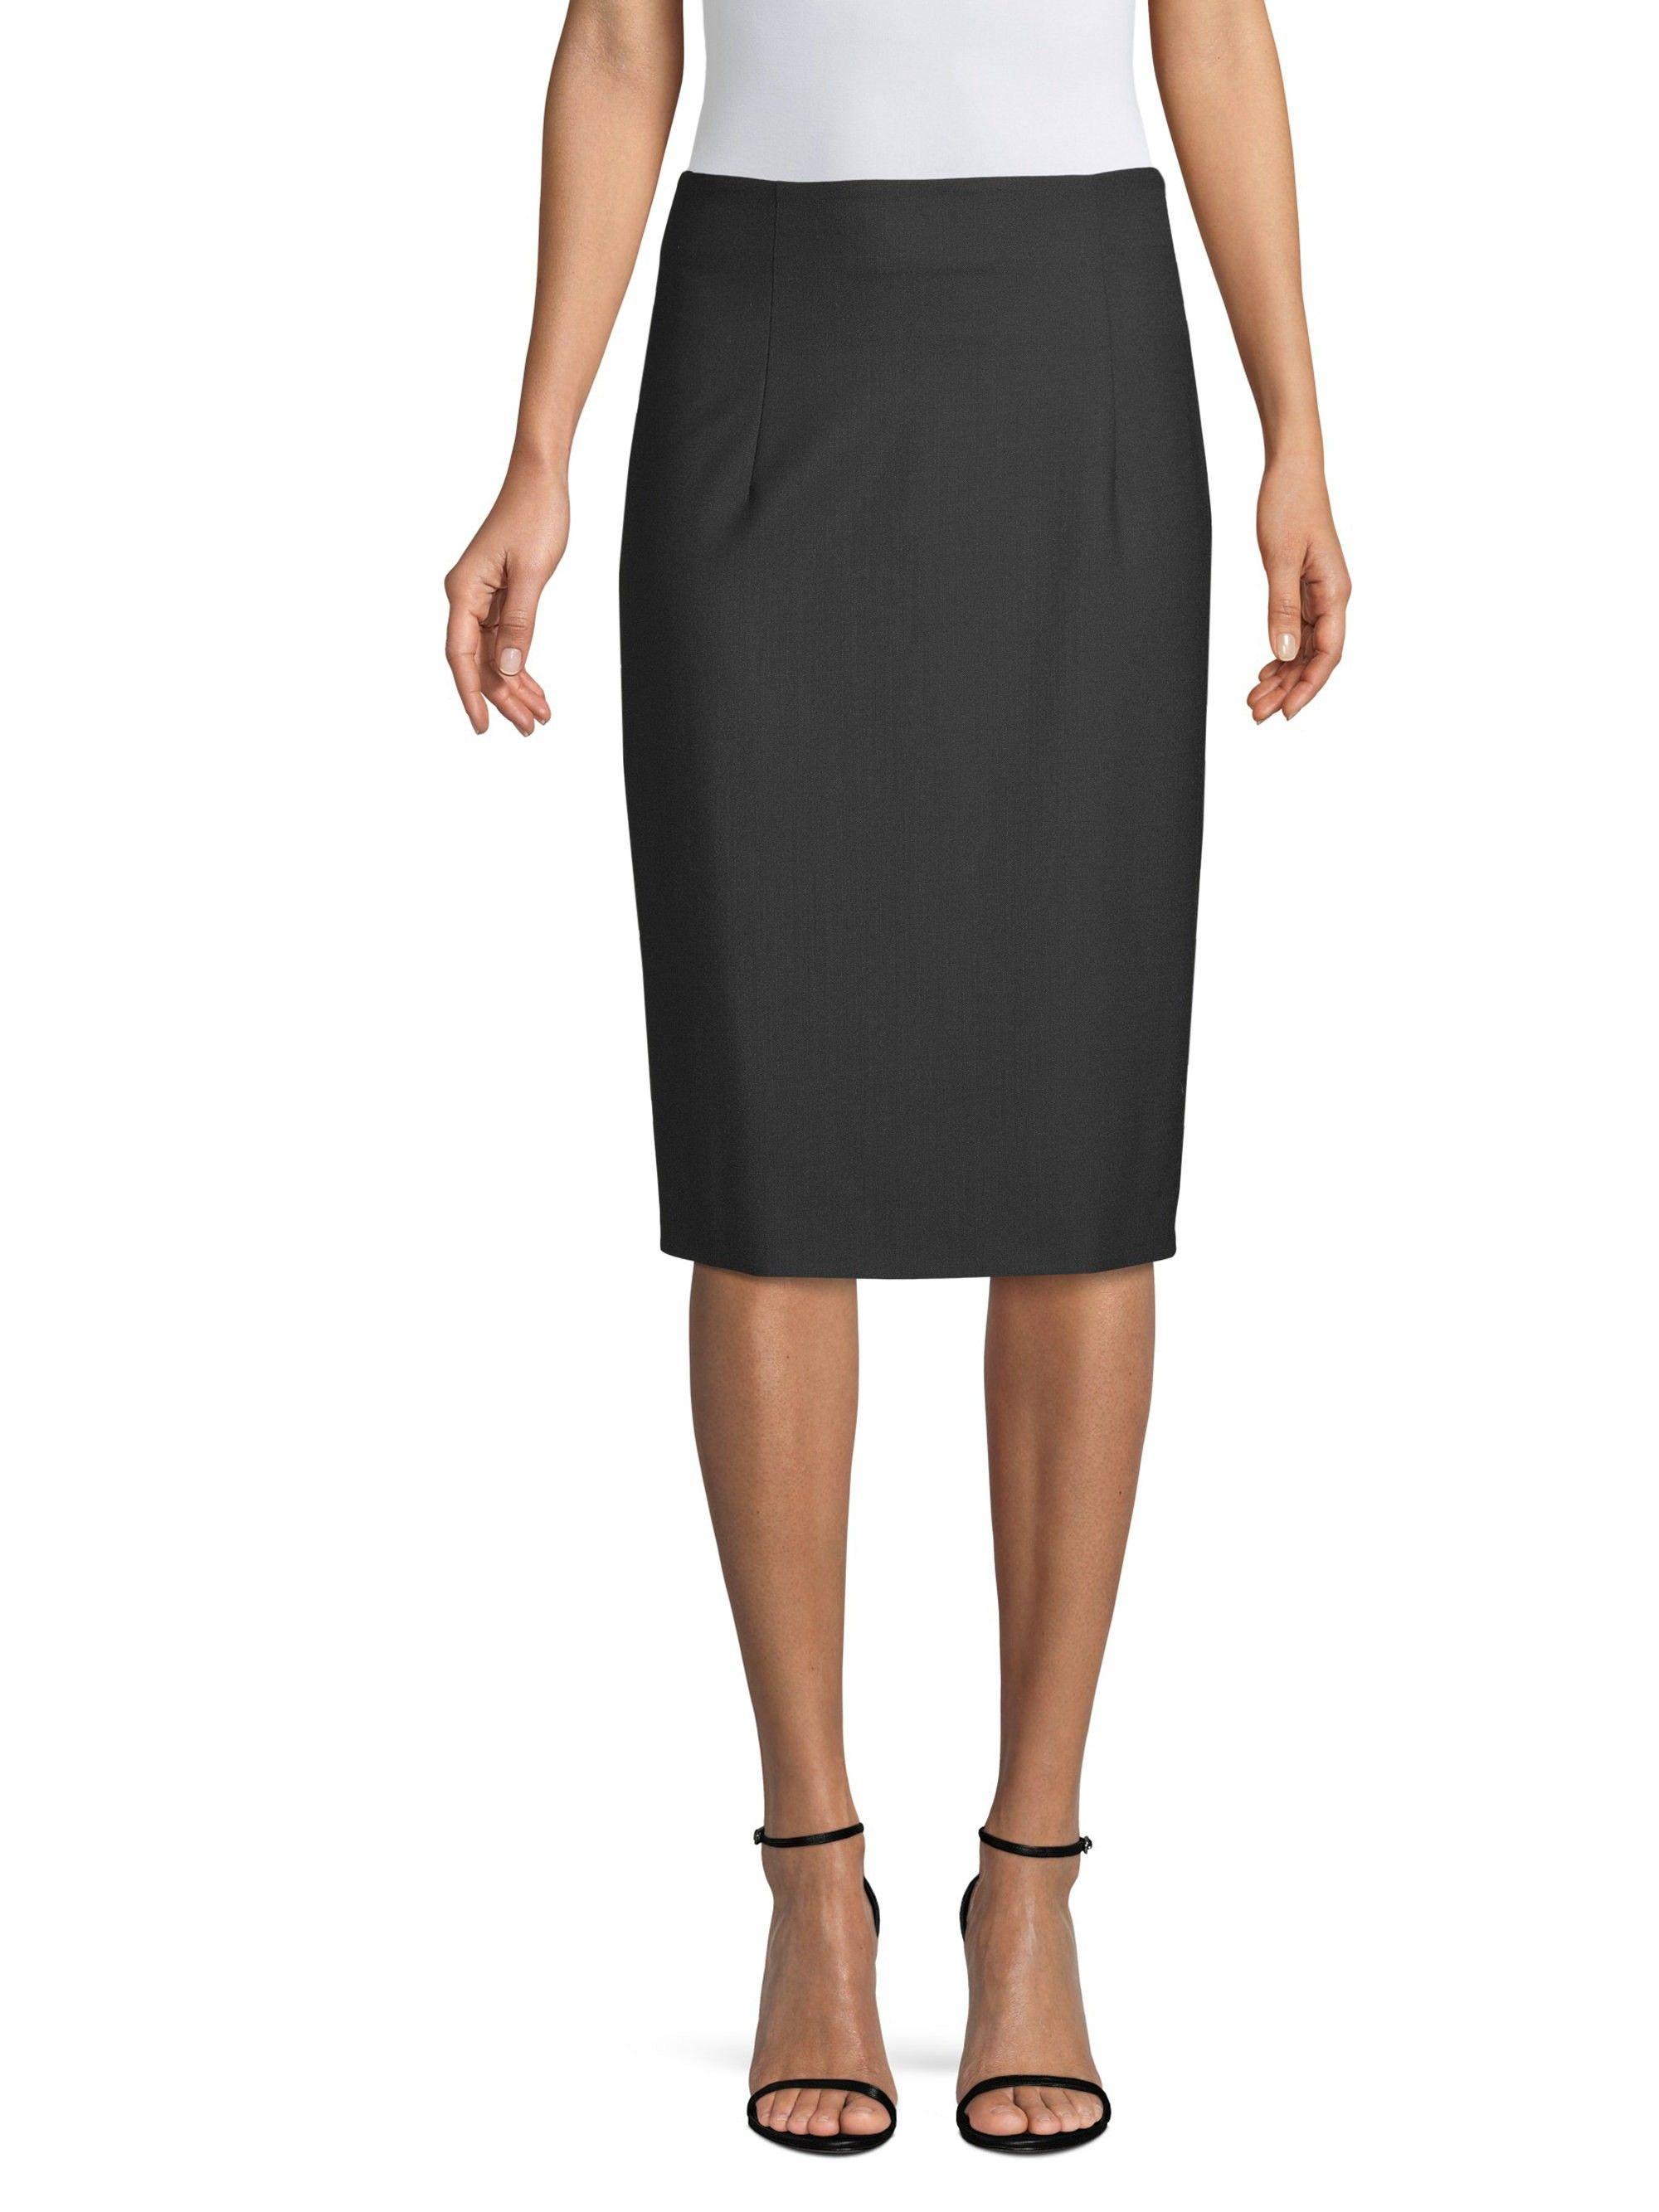 a83a62e3f99e60 Piazza Sempione Stretch Wool Pencil Skirt - Black 50 (14) Stretch Wool  Pencil Skirt